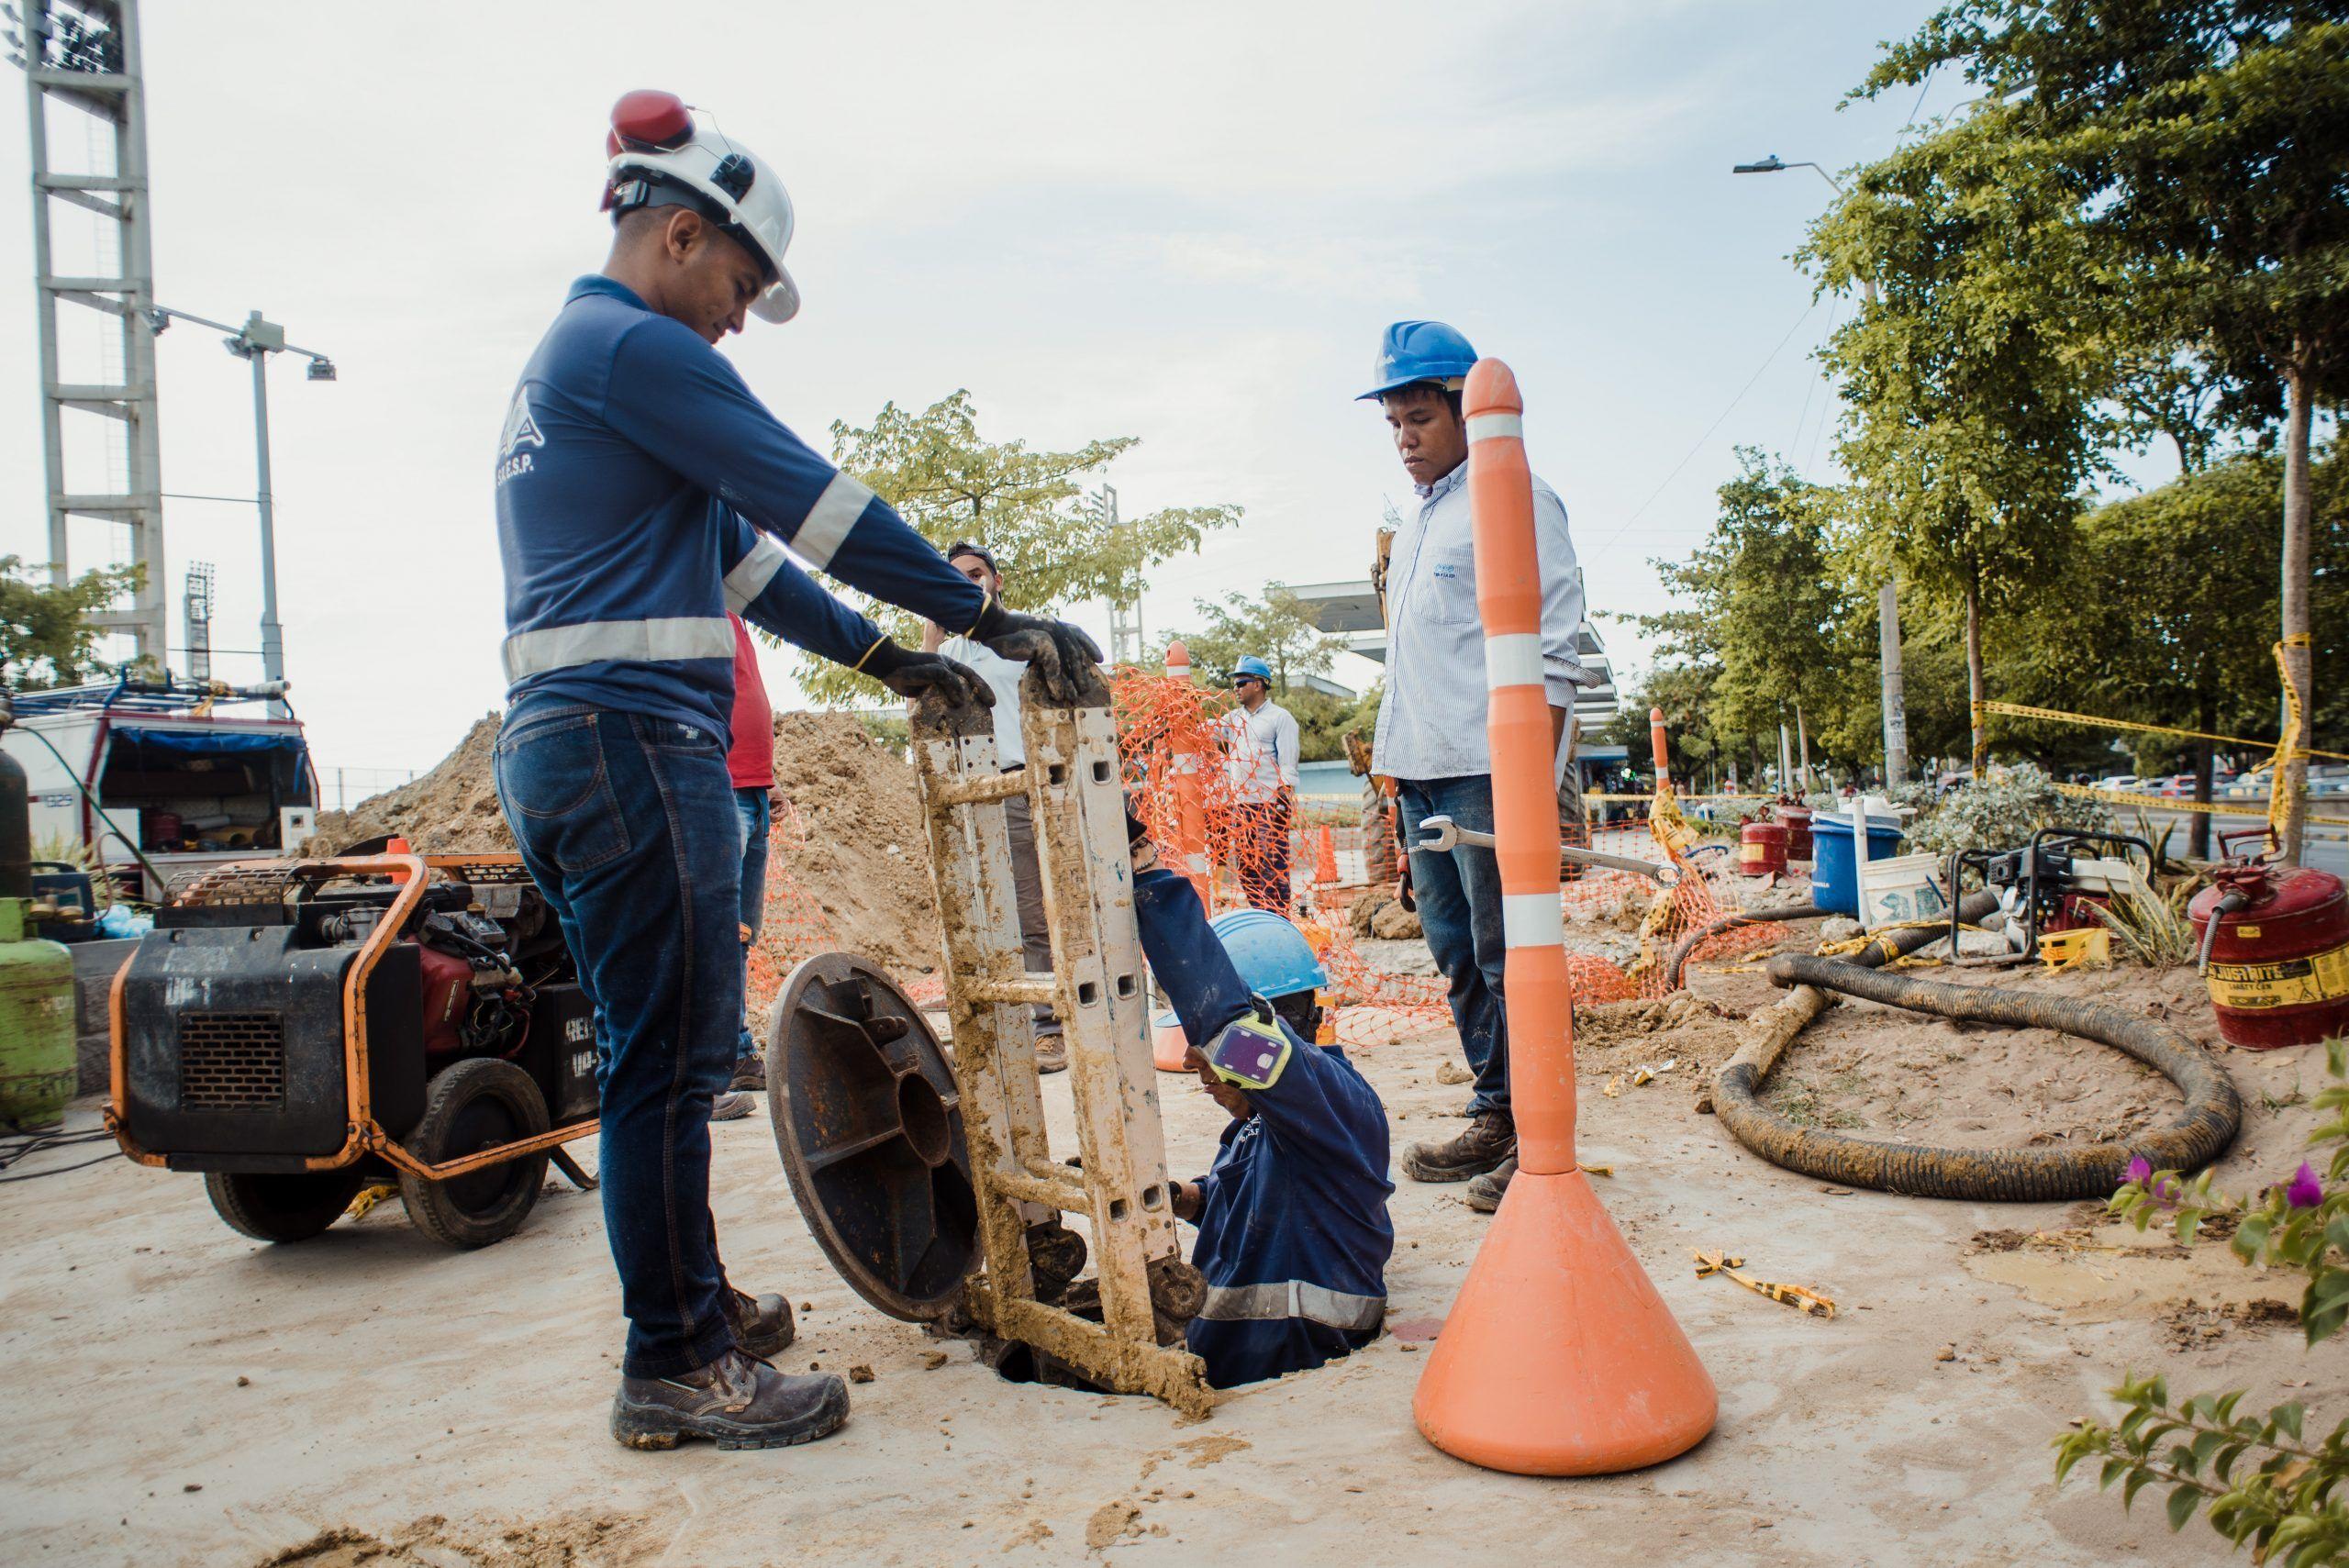 Este martes 8 de septiembre Triple A reparará fuga en la carrera 8 con calle 12 en Barranquilla Triple A informa que atenderá una fuga en una tubería de gran diámetro de 42 pulgadas, ubicada en la carrera 8 con calle 12.